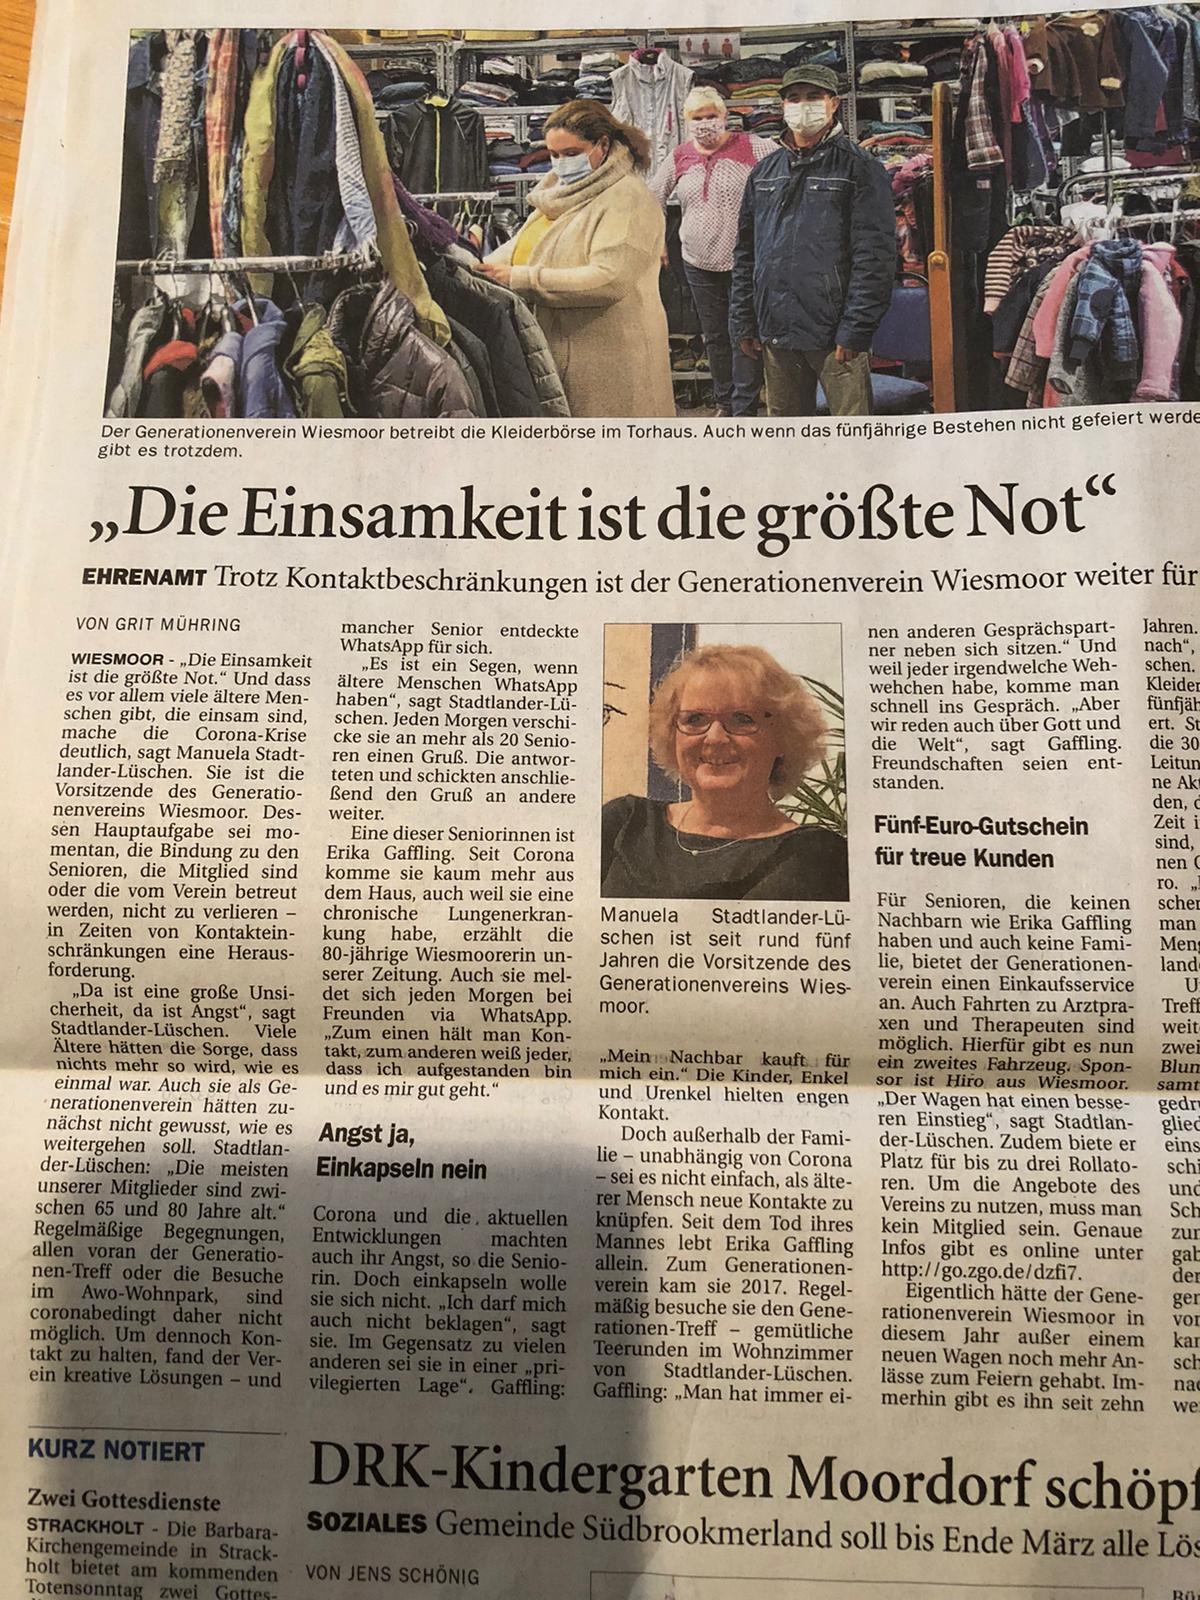 """""""Die Einsamkeit ist die größte Not"""" - OZ vom 19.11.2020 Quelle: Ostfriesen Zeitung"""